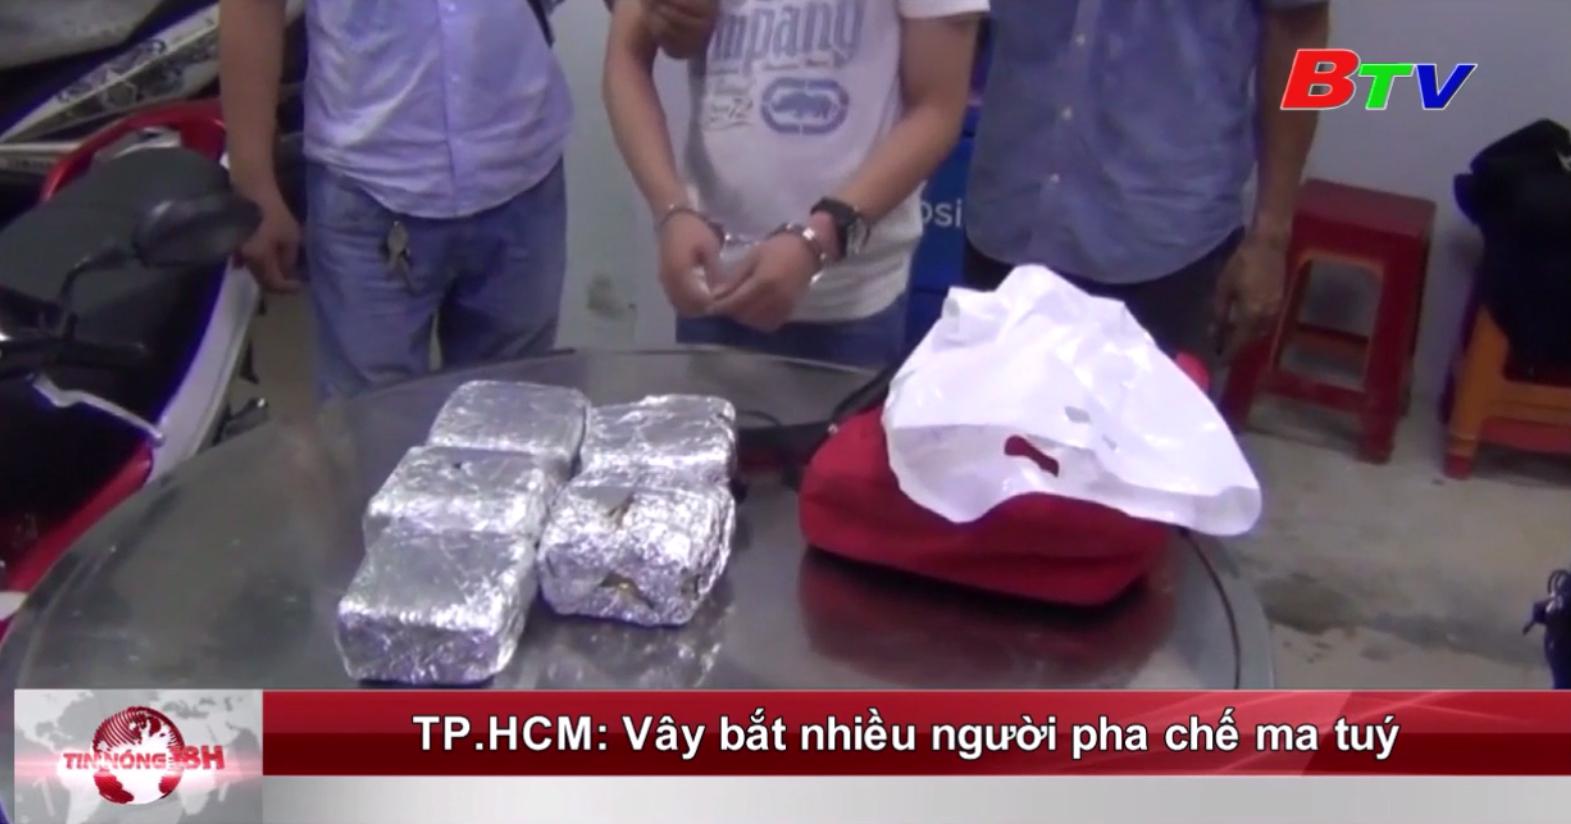 TP.HCM: Vây bắt nhiều người pha chế ma túy